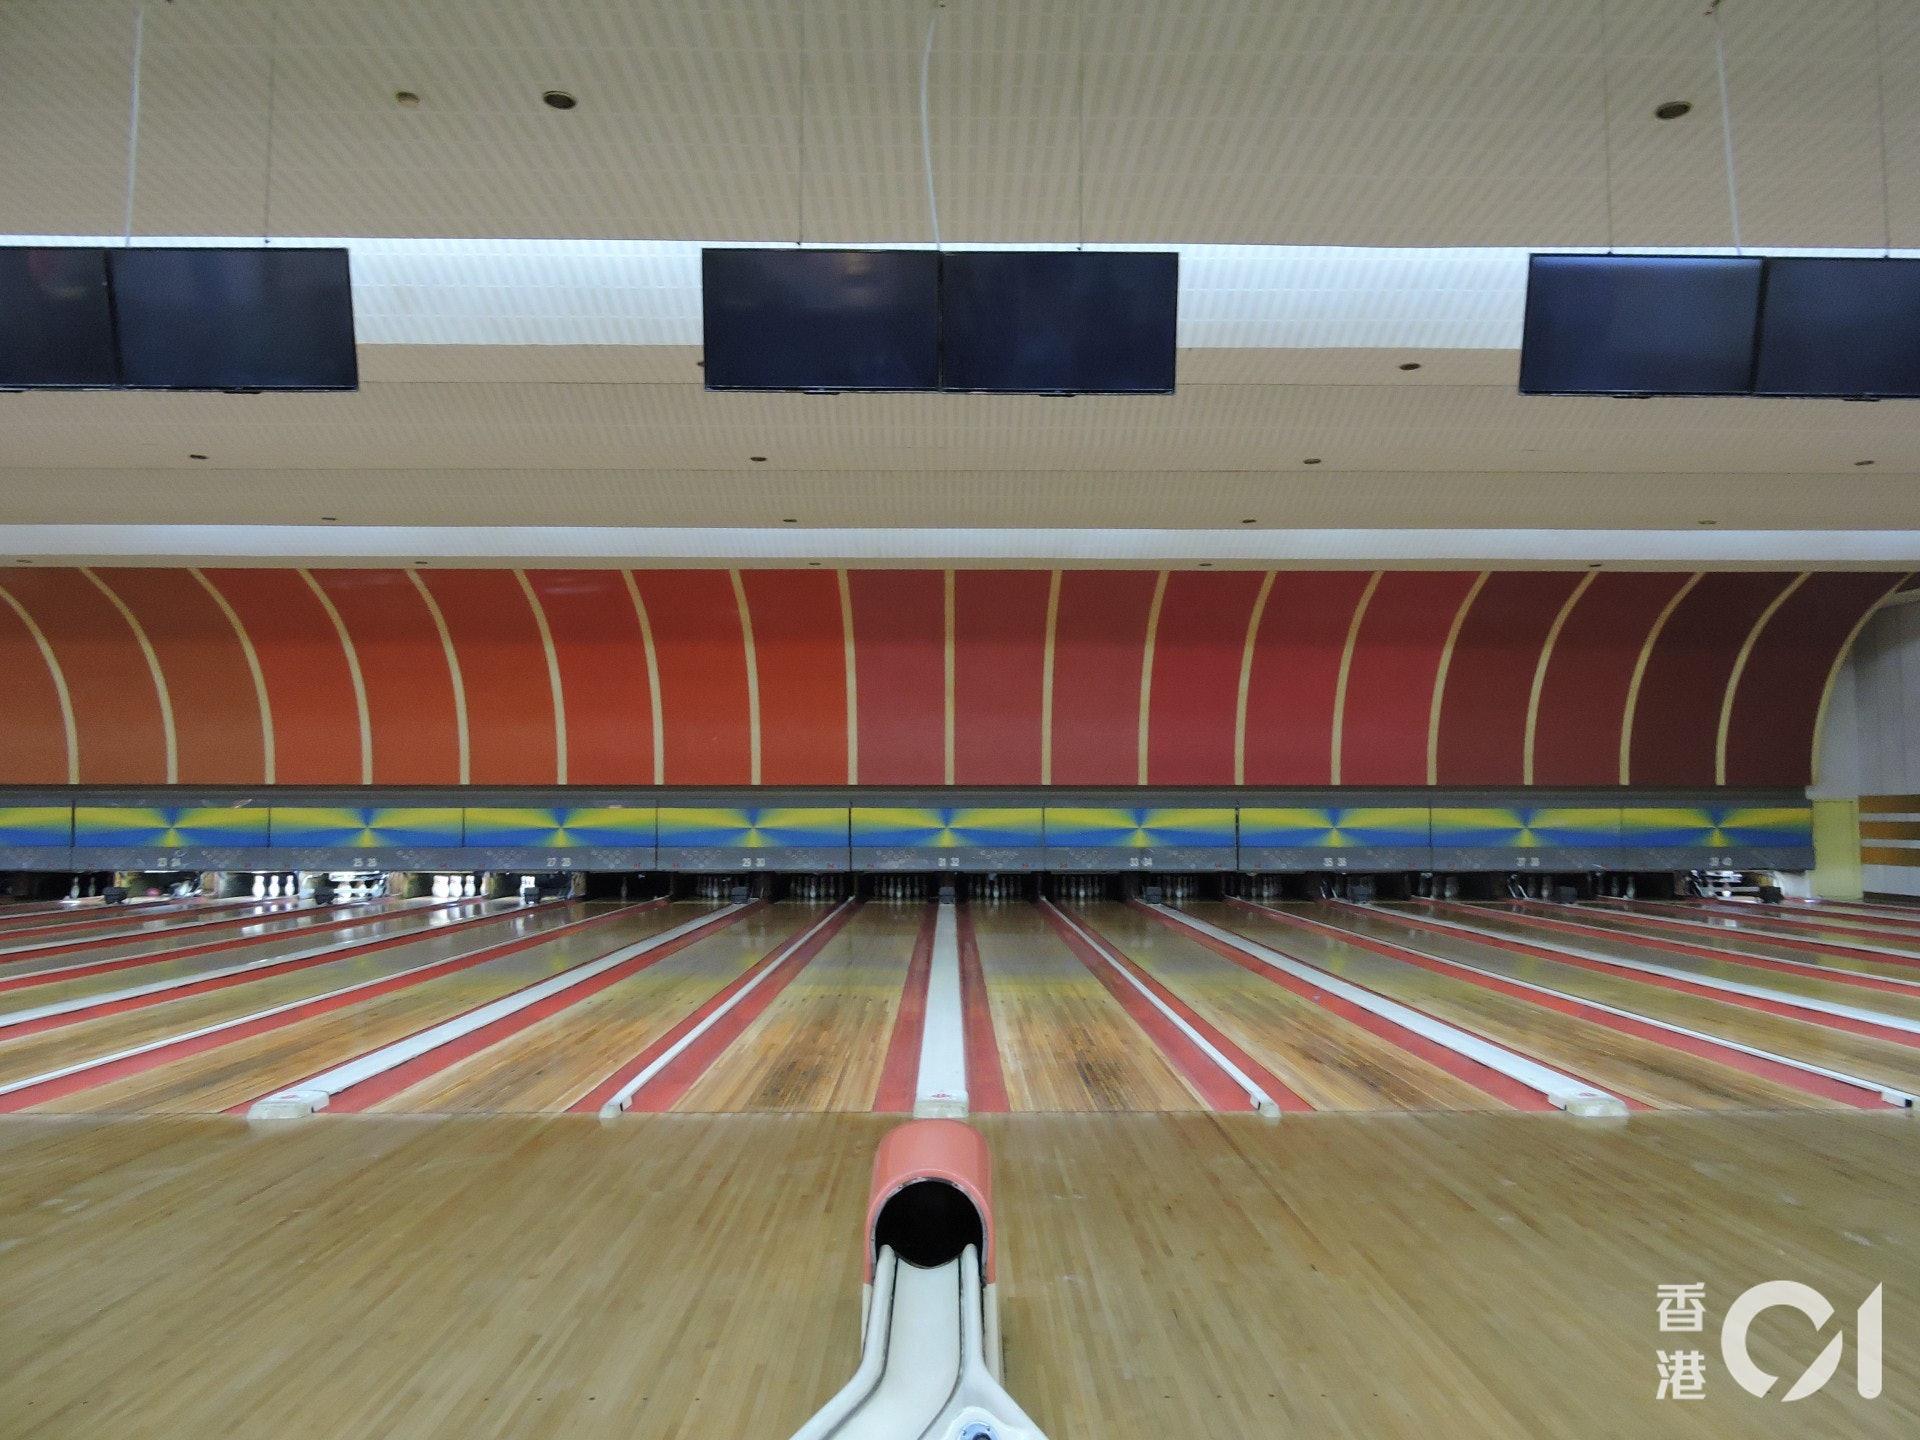 朝鮮也有現代化的保齡球場──資本主義下的娛樂活動。(歐陽翠詩攝)